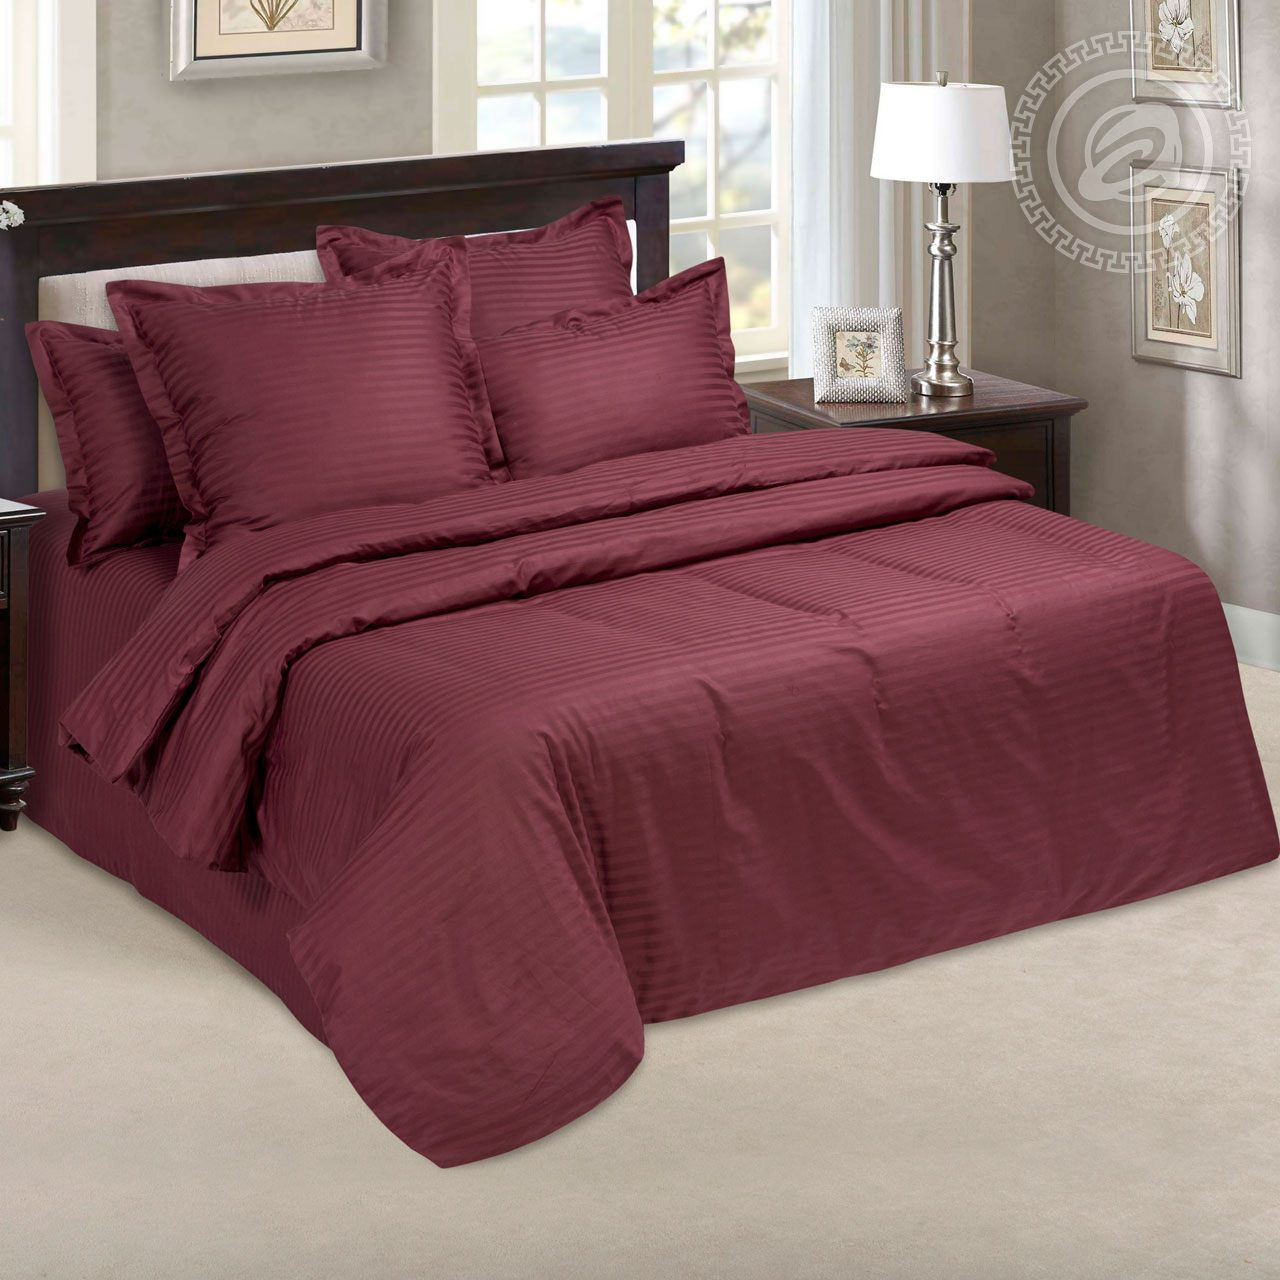 Постельное белье Бордо (страйп-сатин) (1,5 спальный) постельное белье пузыри сатин 1 5 спальный